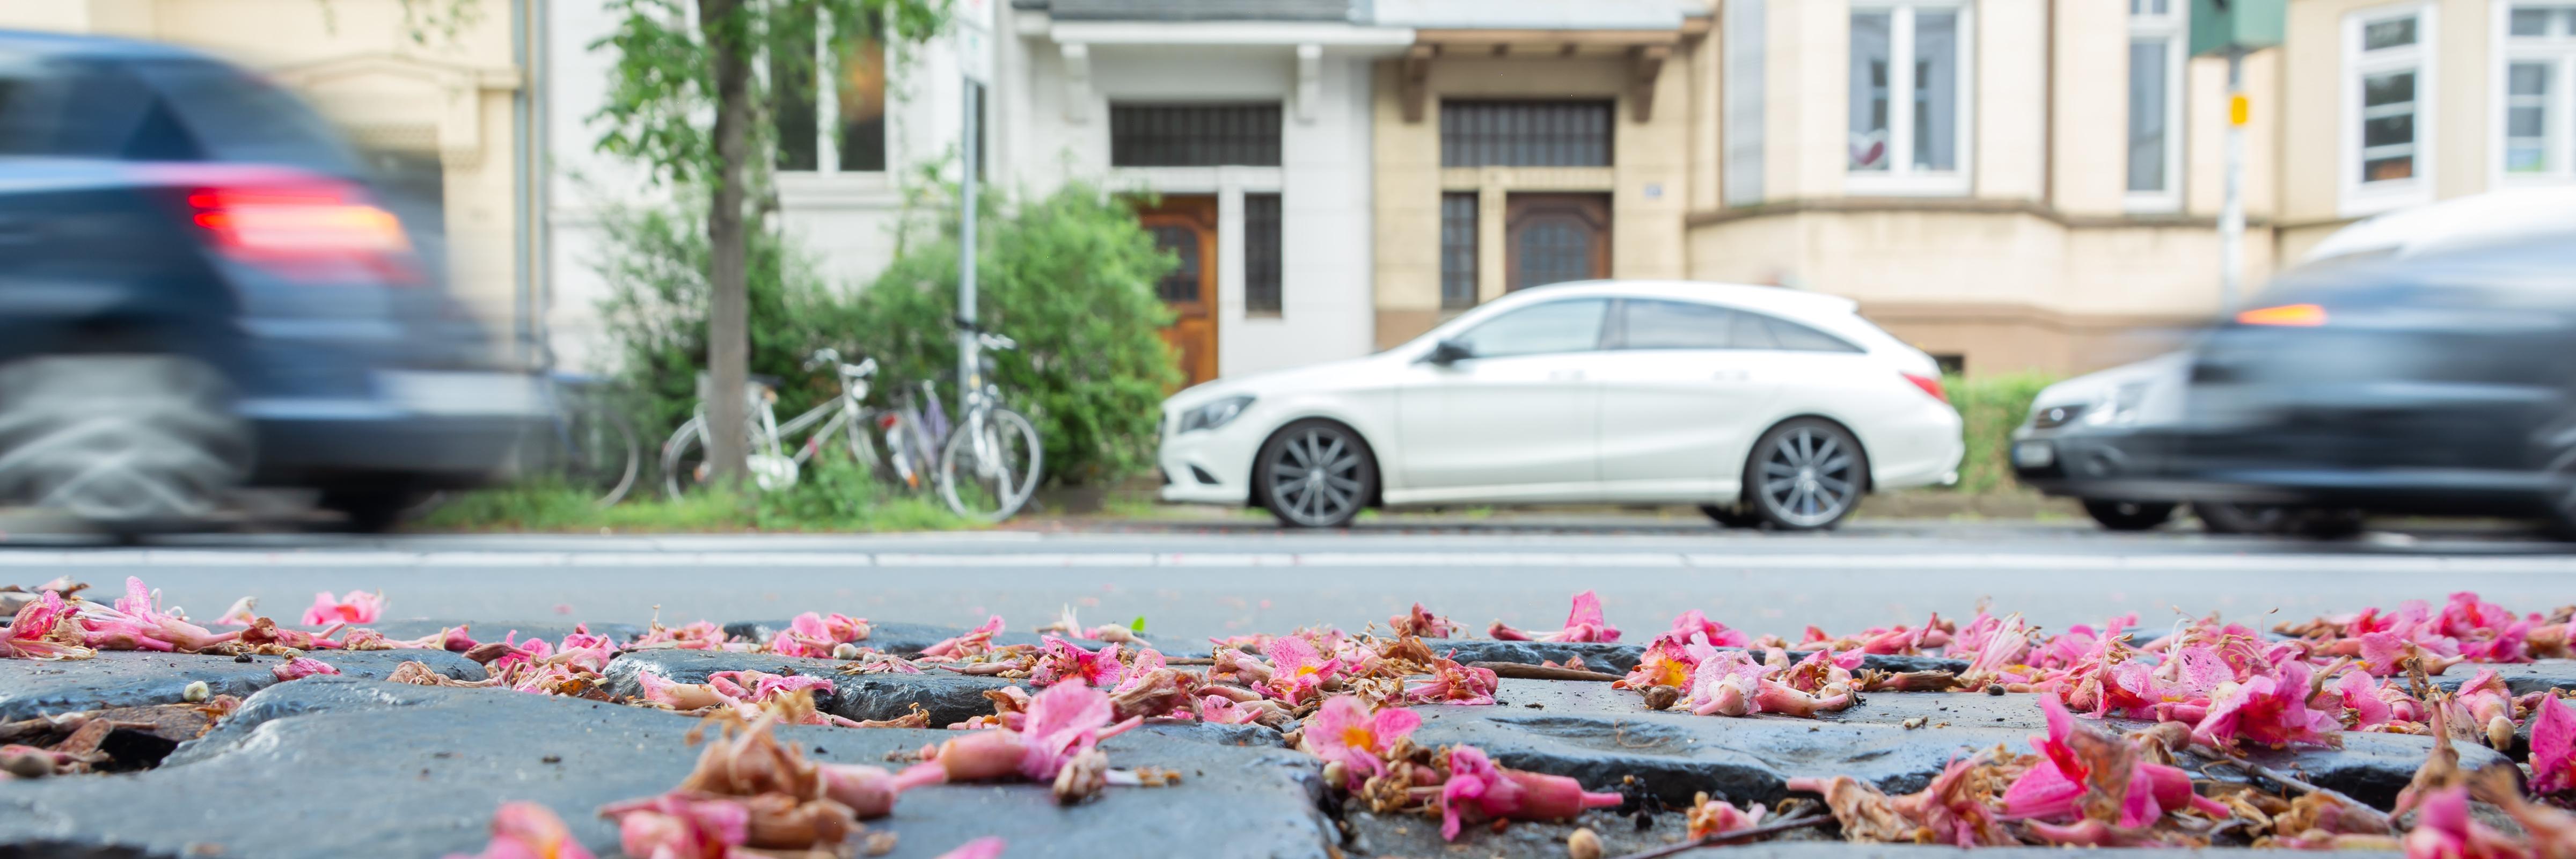 Ridesharing und Umweltspuren als Alternative zum Dieselfahrverbot